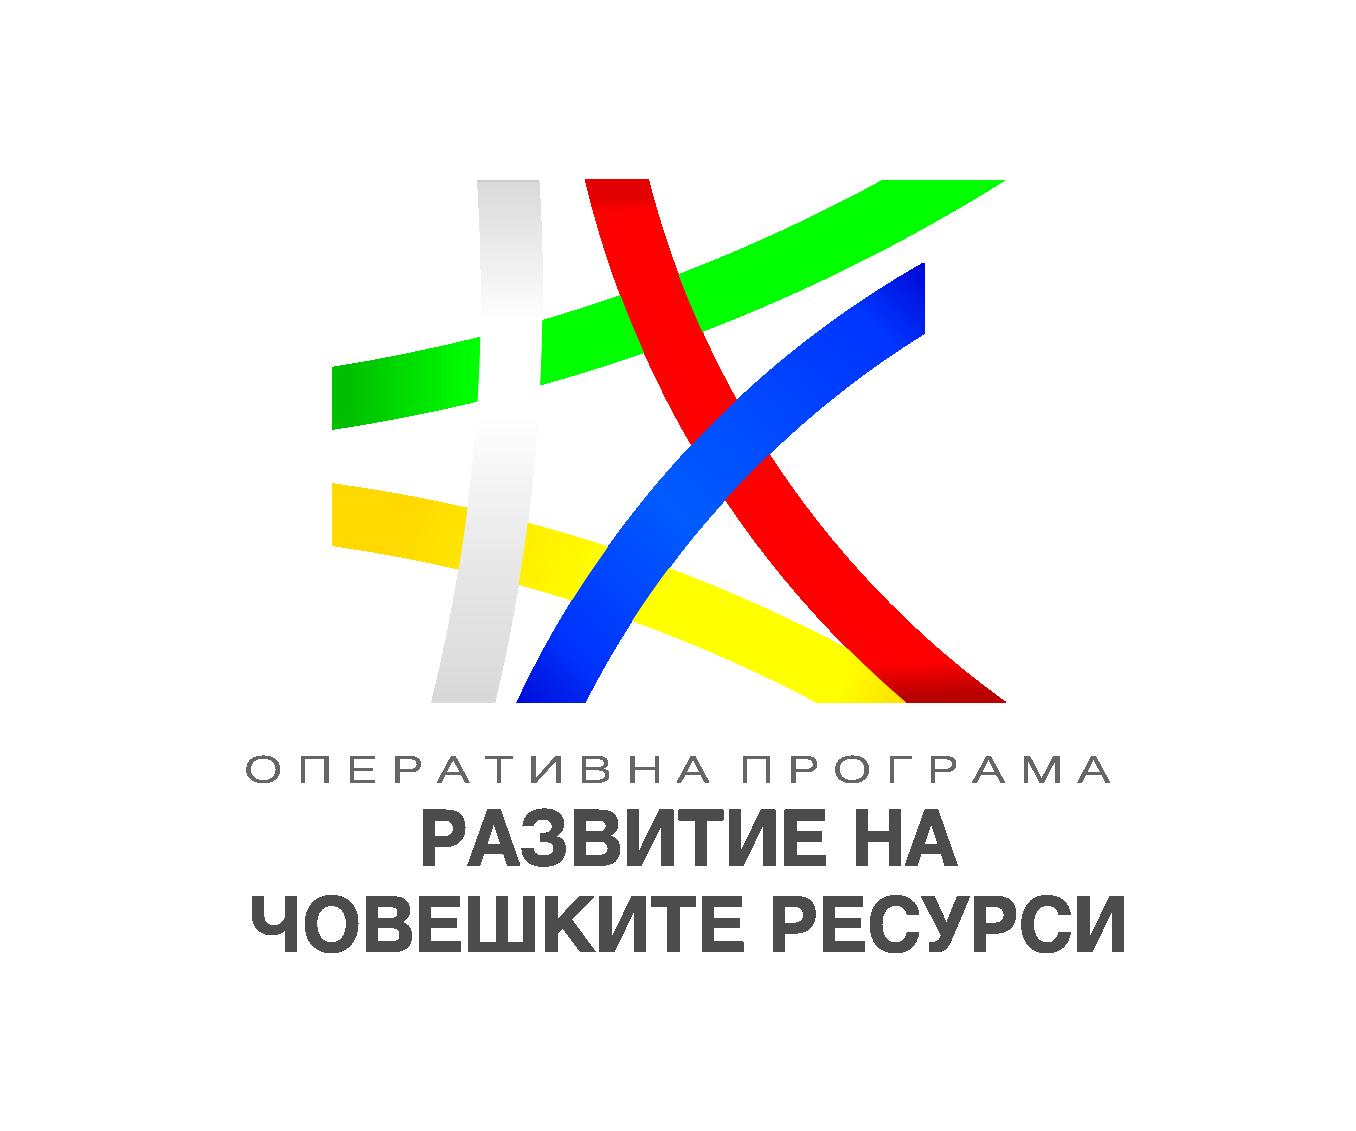 logo_BG-center-no-back